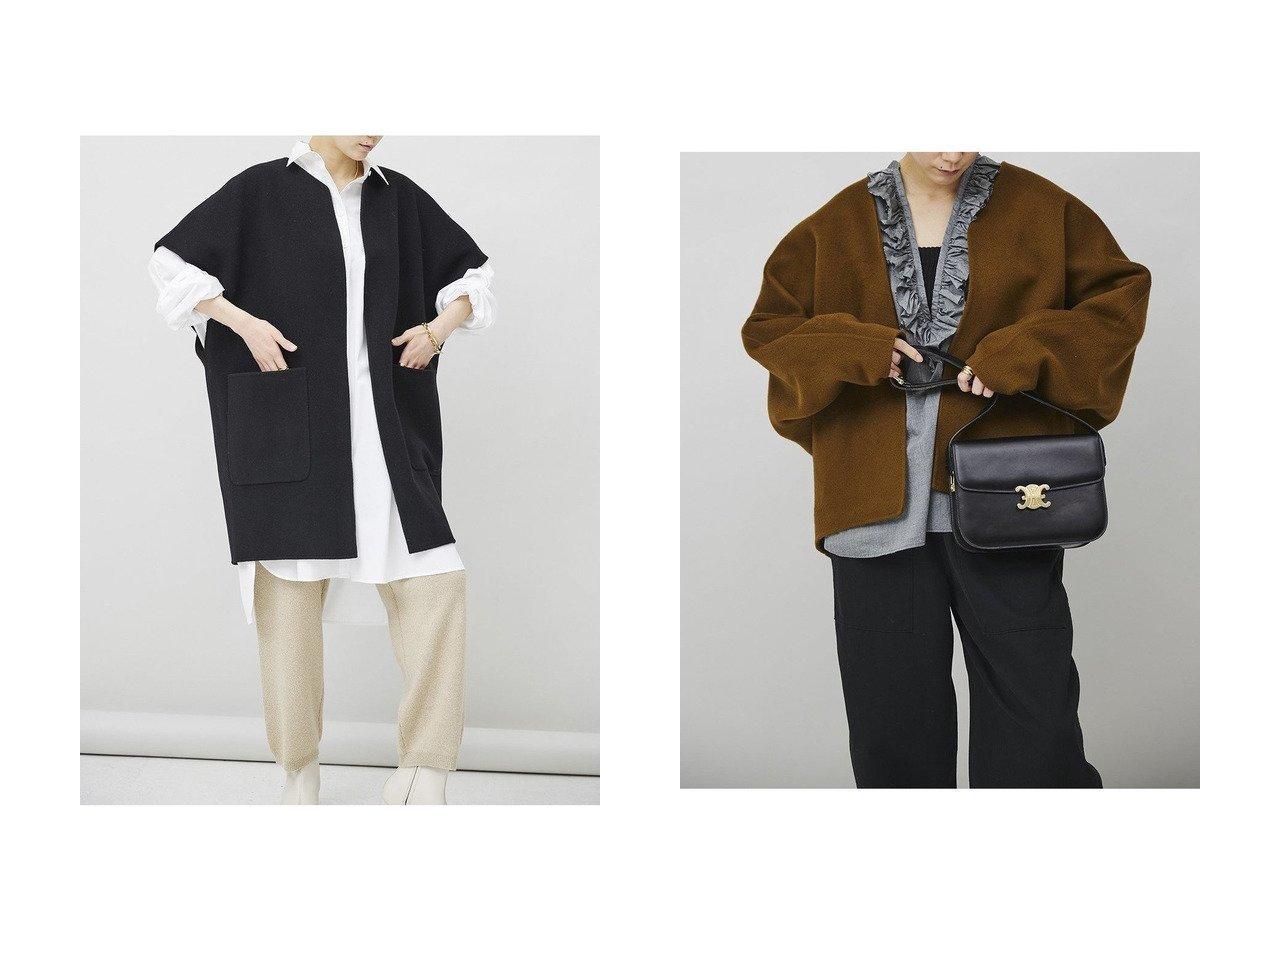 【Curensology/カレンソロジー】のマンテコノースリーブコート&【C.S.G】カシミヤショートコート 【アウター】おすすめ!人気、トレンド・レディースファッションの通販 おすすめで人気の流行・トレンド、ファッションの通販商品 インテリア・家具・メンズファッション・キッズファッション・レディースファッション・服の通販 founy(ファニー) https://founy.com/ ファッション Fashion レディースファッション WOMEN アウター Coat Outerwear コート Coats 2020年 2020 2020-2021秋冬・A/W AW・Autumn/Winter・FW・Fall-Winter/2020-2021 2021年 2021 2021-2022秋冬・A/W AW・Autumn/Winter・FW・Fall-Winter・2021-2022 A/W・秋冬 AW・Autumn/Winter・FW・Fall-Winter イタリア インナー シンプル ノースリーブ ビッグ ポケット ロング 今季 おすすめ Recommend カシミヤ ショート タートルネック フリル リラックス  ID:crp329100000059970